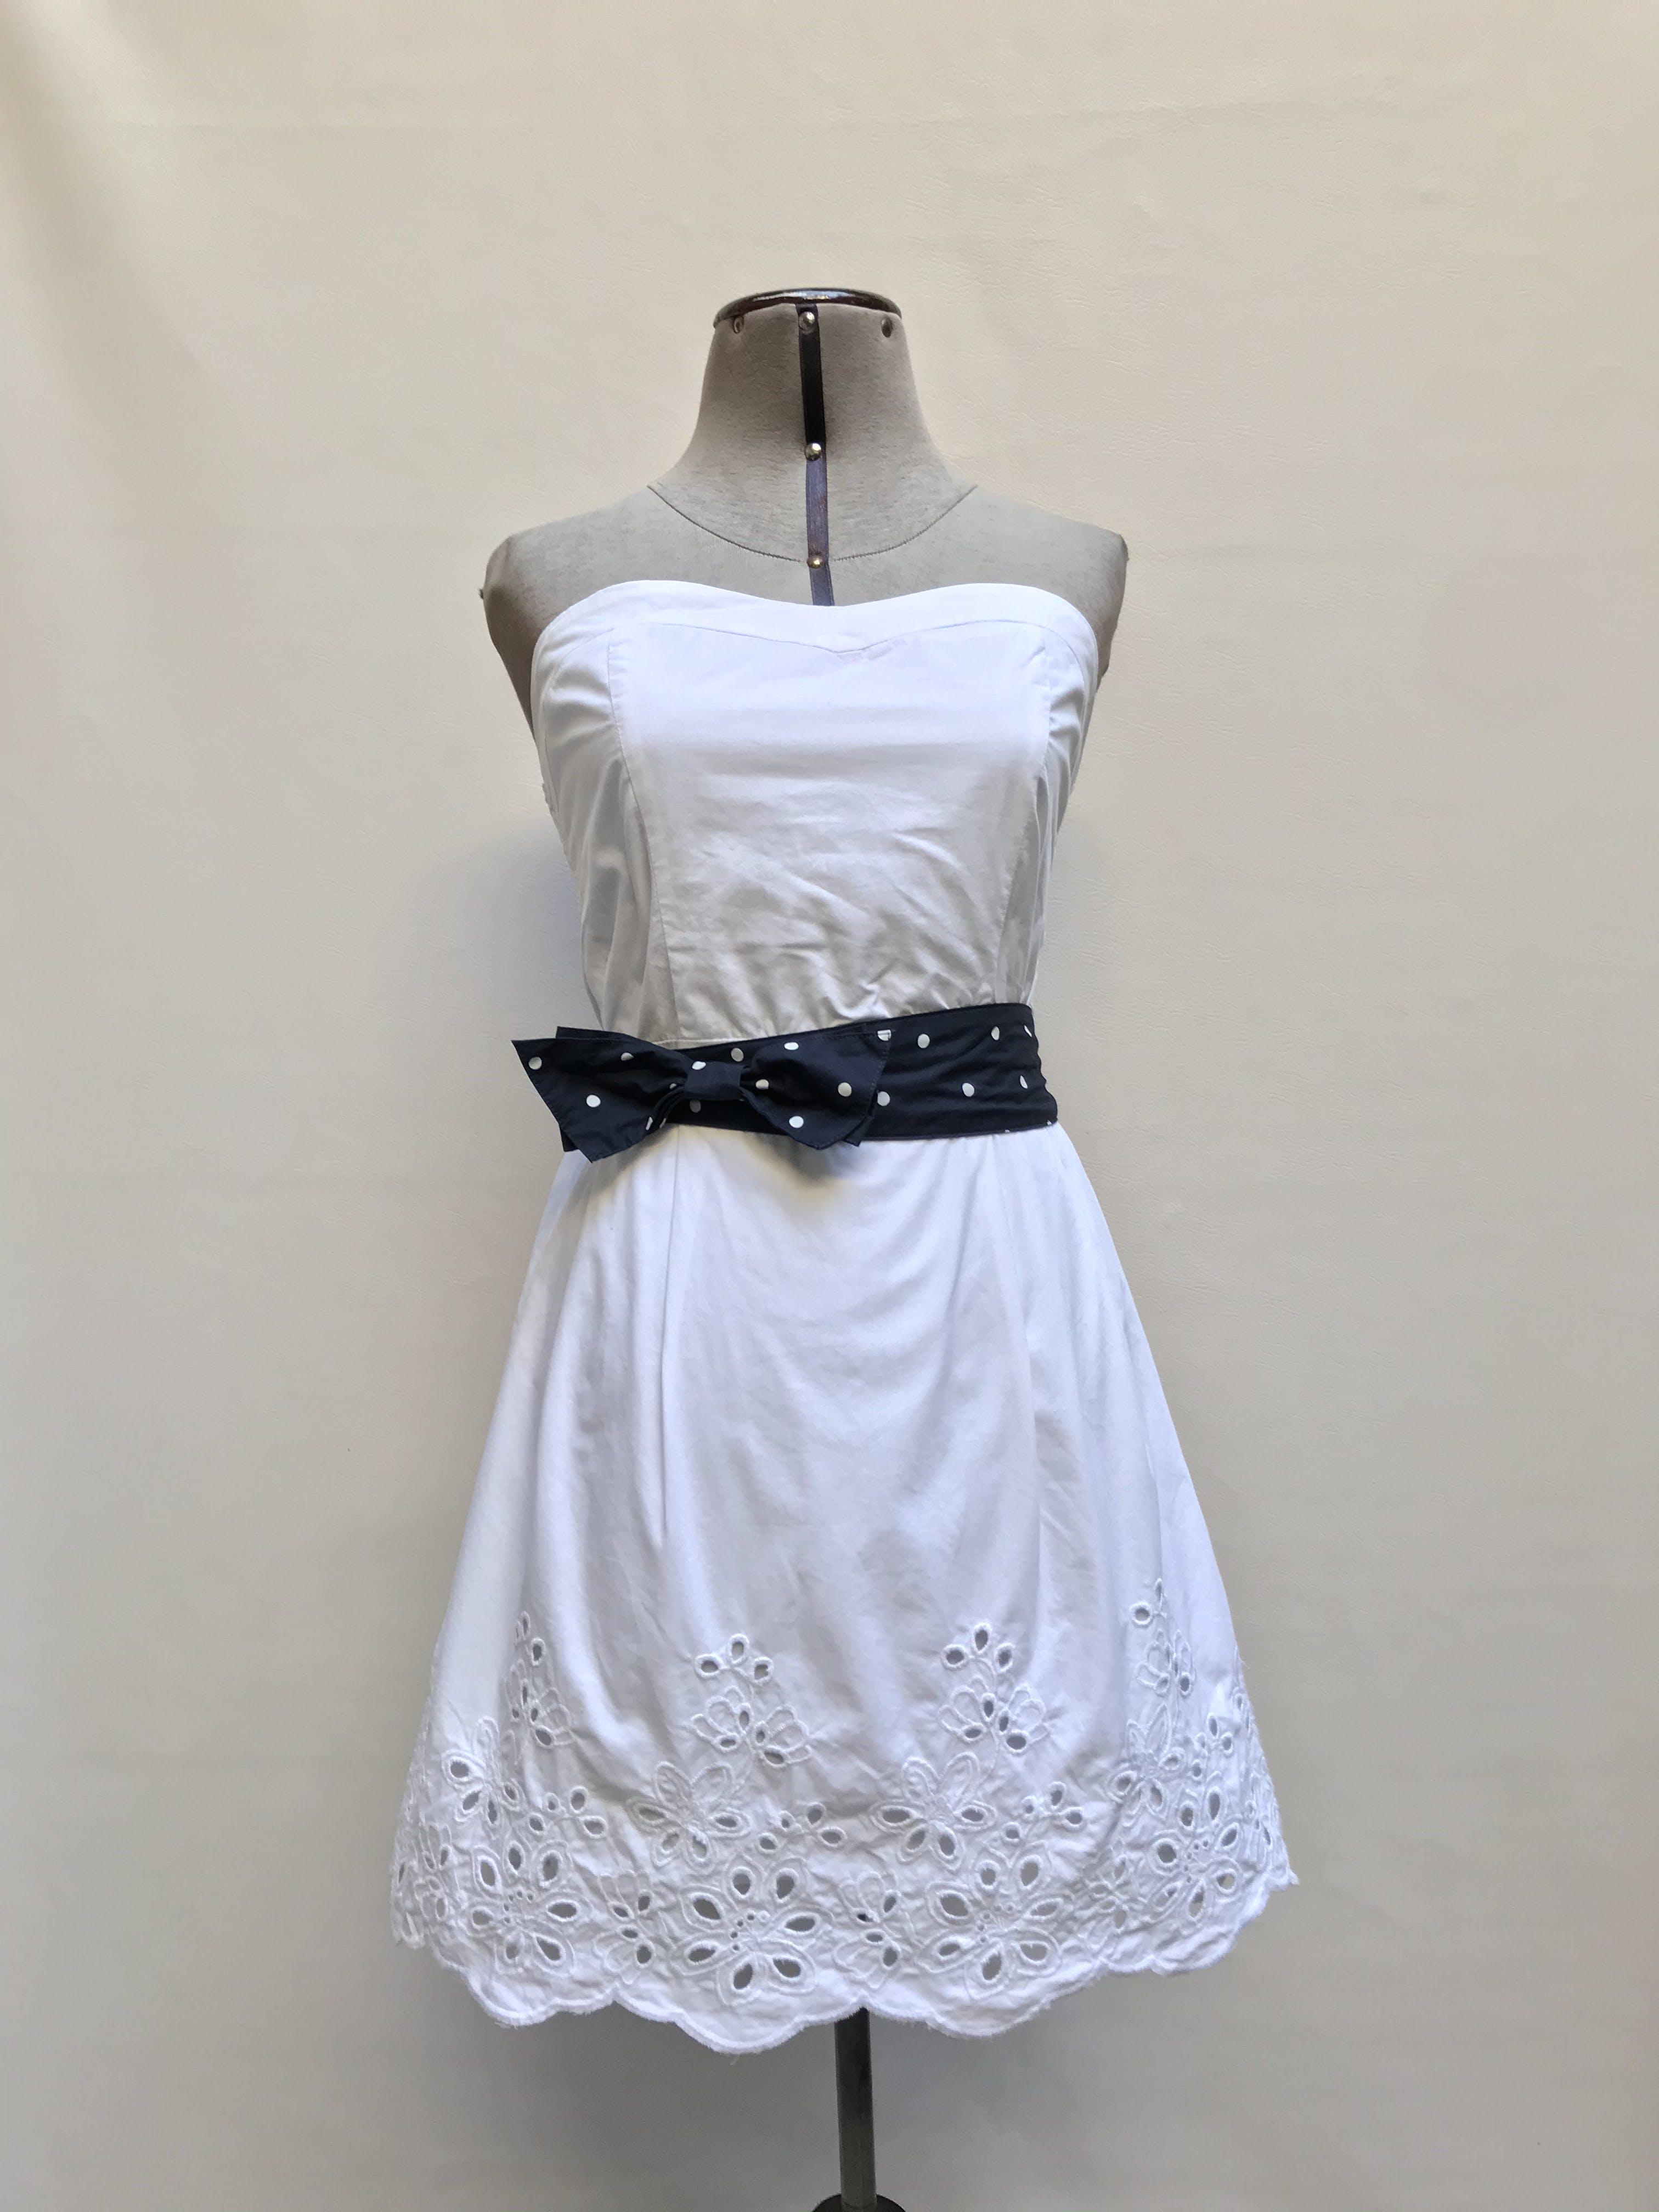 Vestido strapless blanco, 100% algodón estructurado, con bordado y calado en la basta, panal de abeja en la espalda, forrado y cinto azul con lunares Talla M